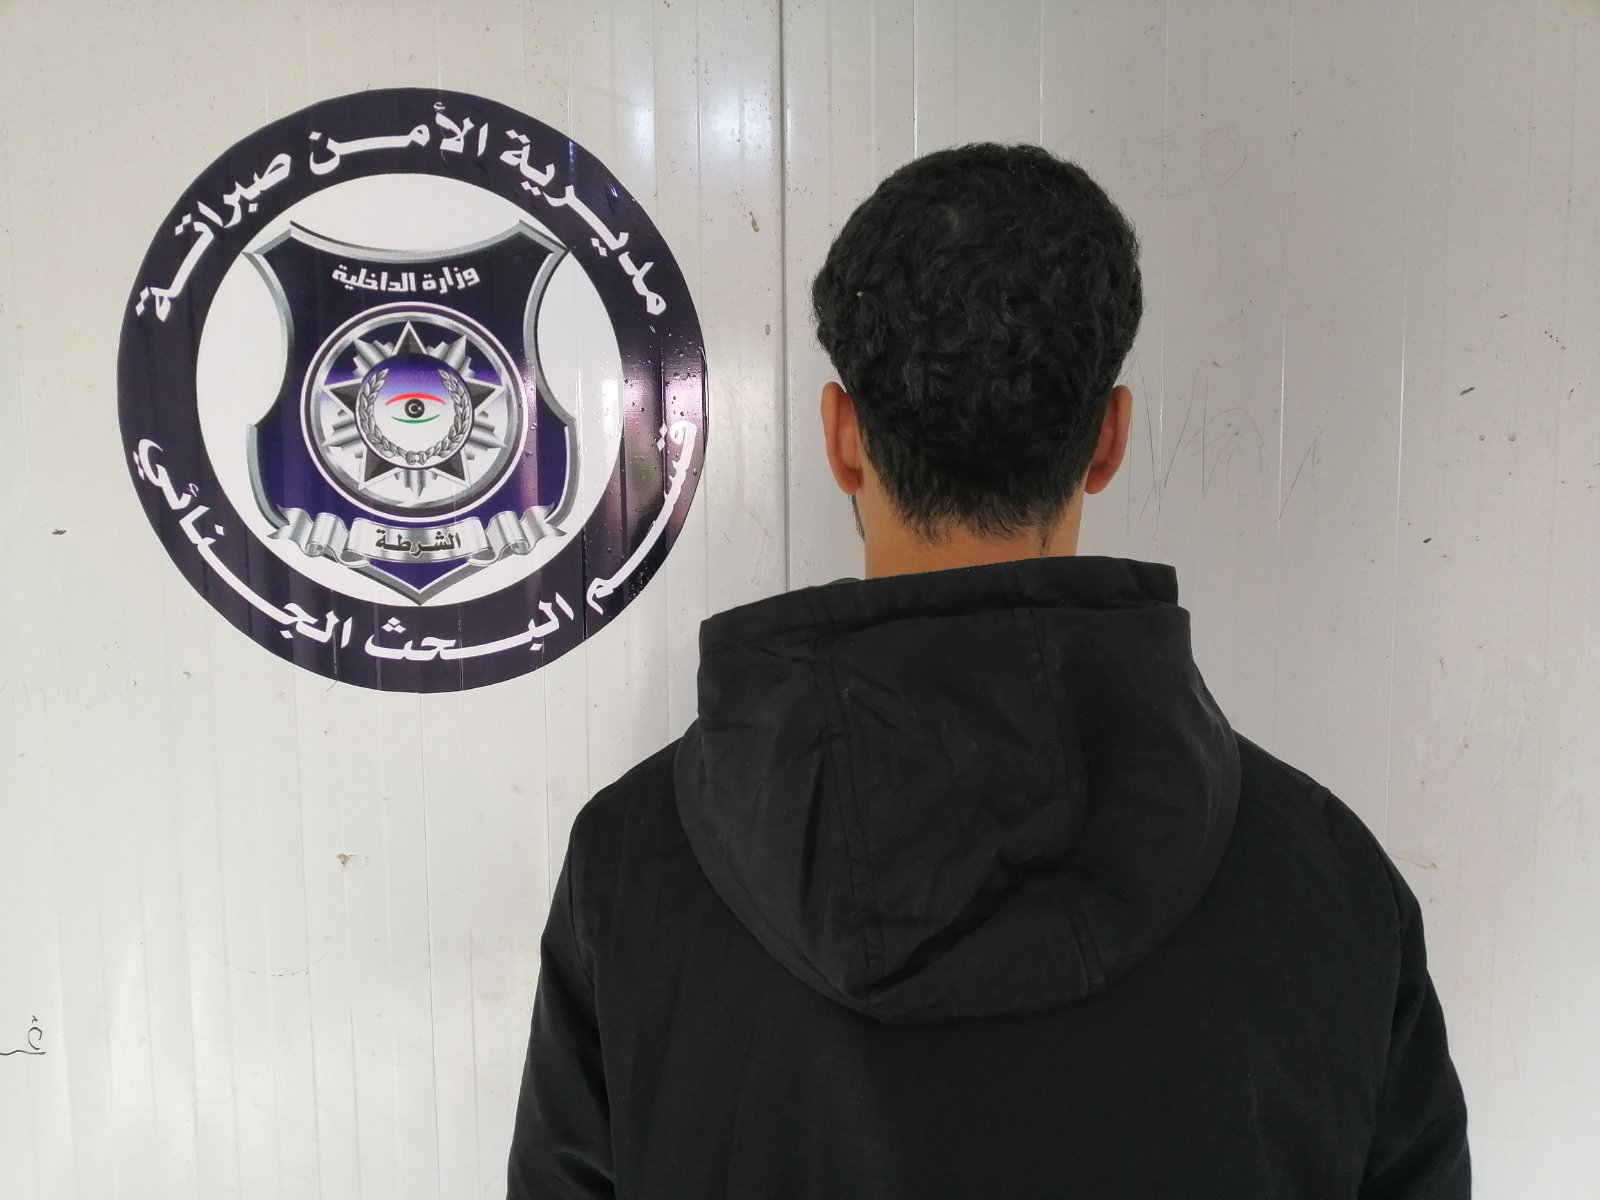 مديرية أمن صبراتة تقبض على الشاب المتهم بارتكاب جريمة قتل